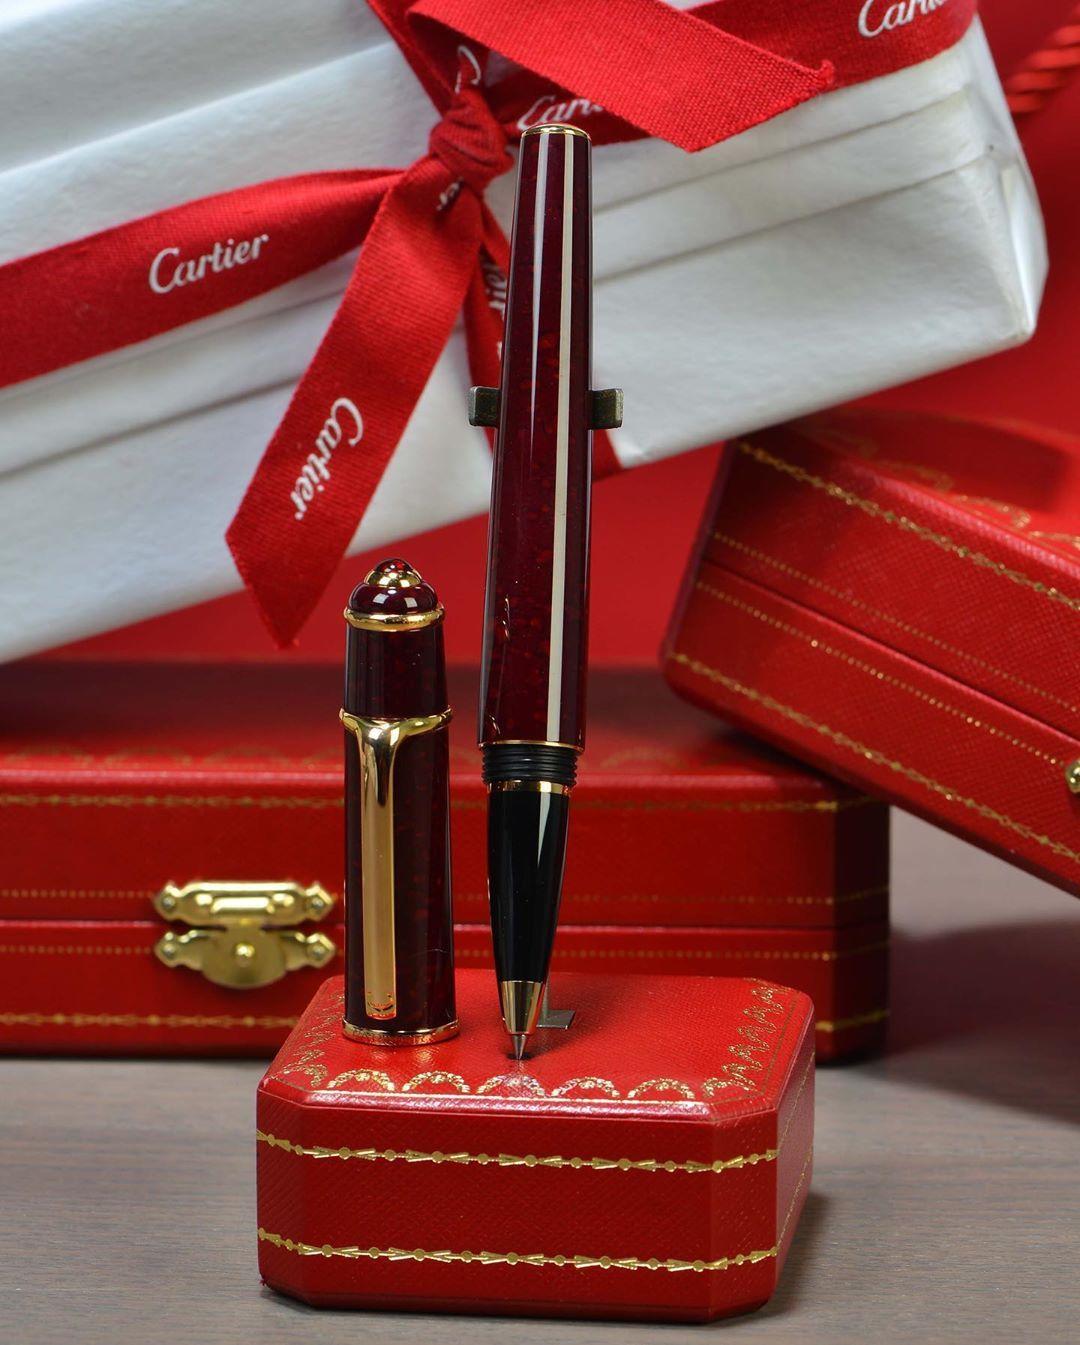 قلم كارتير ديابلو سبيشيال Special Diabolo De Cartier لون مميزه جدا للديابلو ومن اجمل وأكثر الألوان طلبا عنابي منمش إصد Gifts Gift Wrapping Luxury